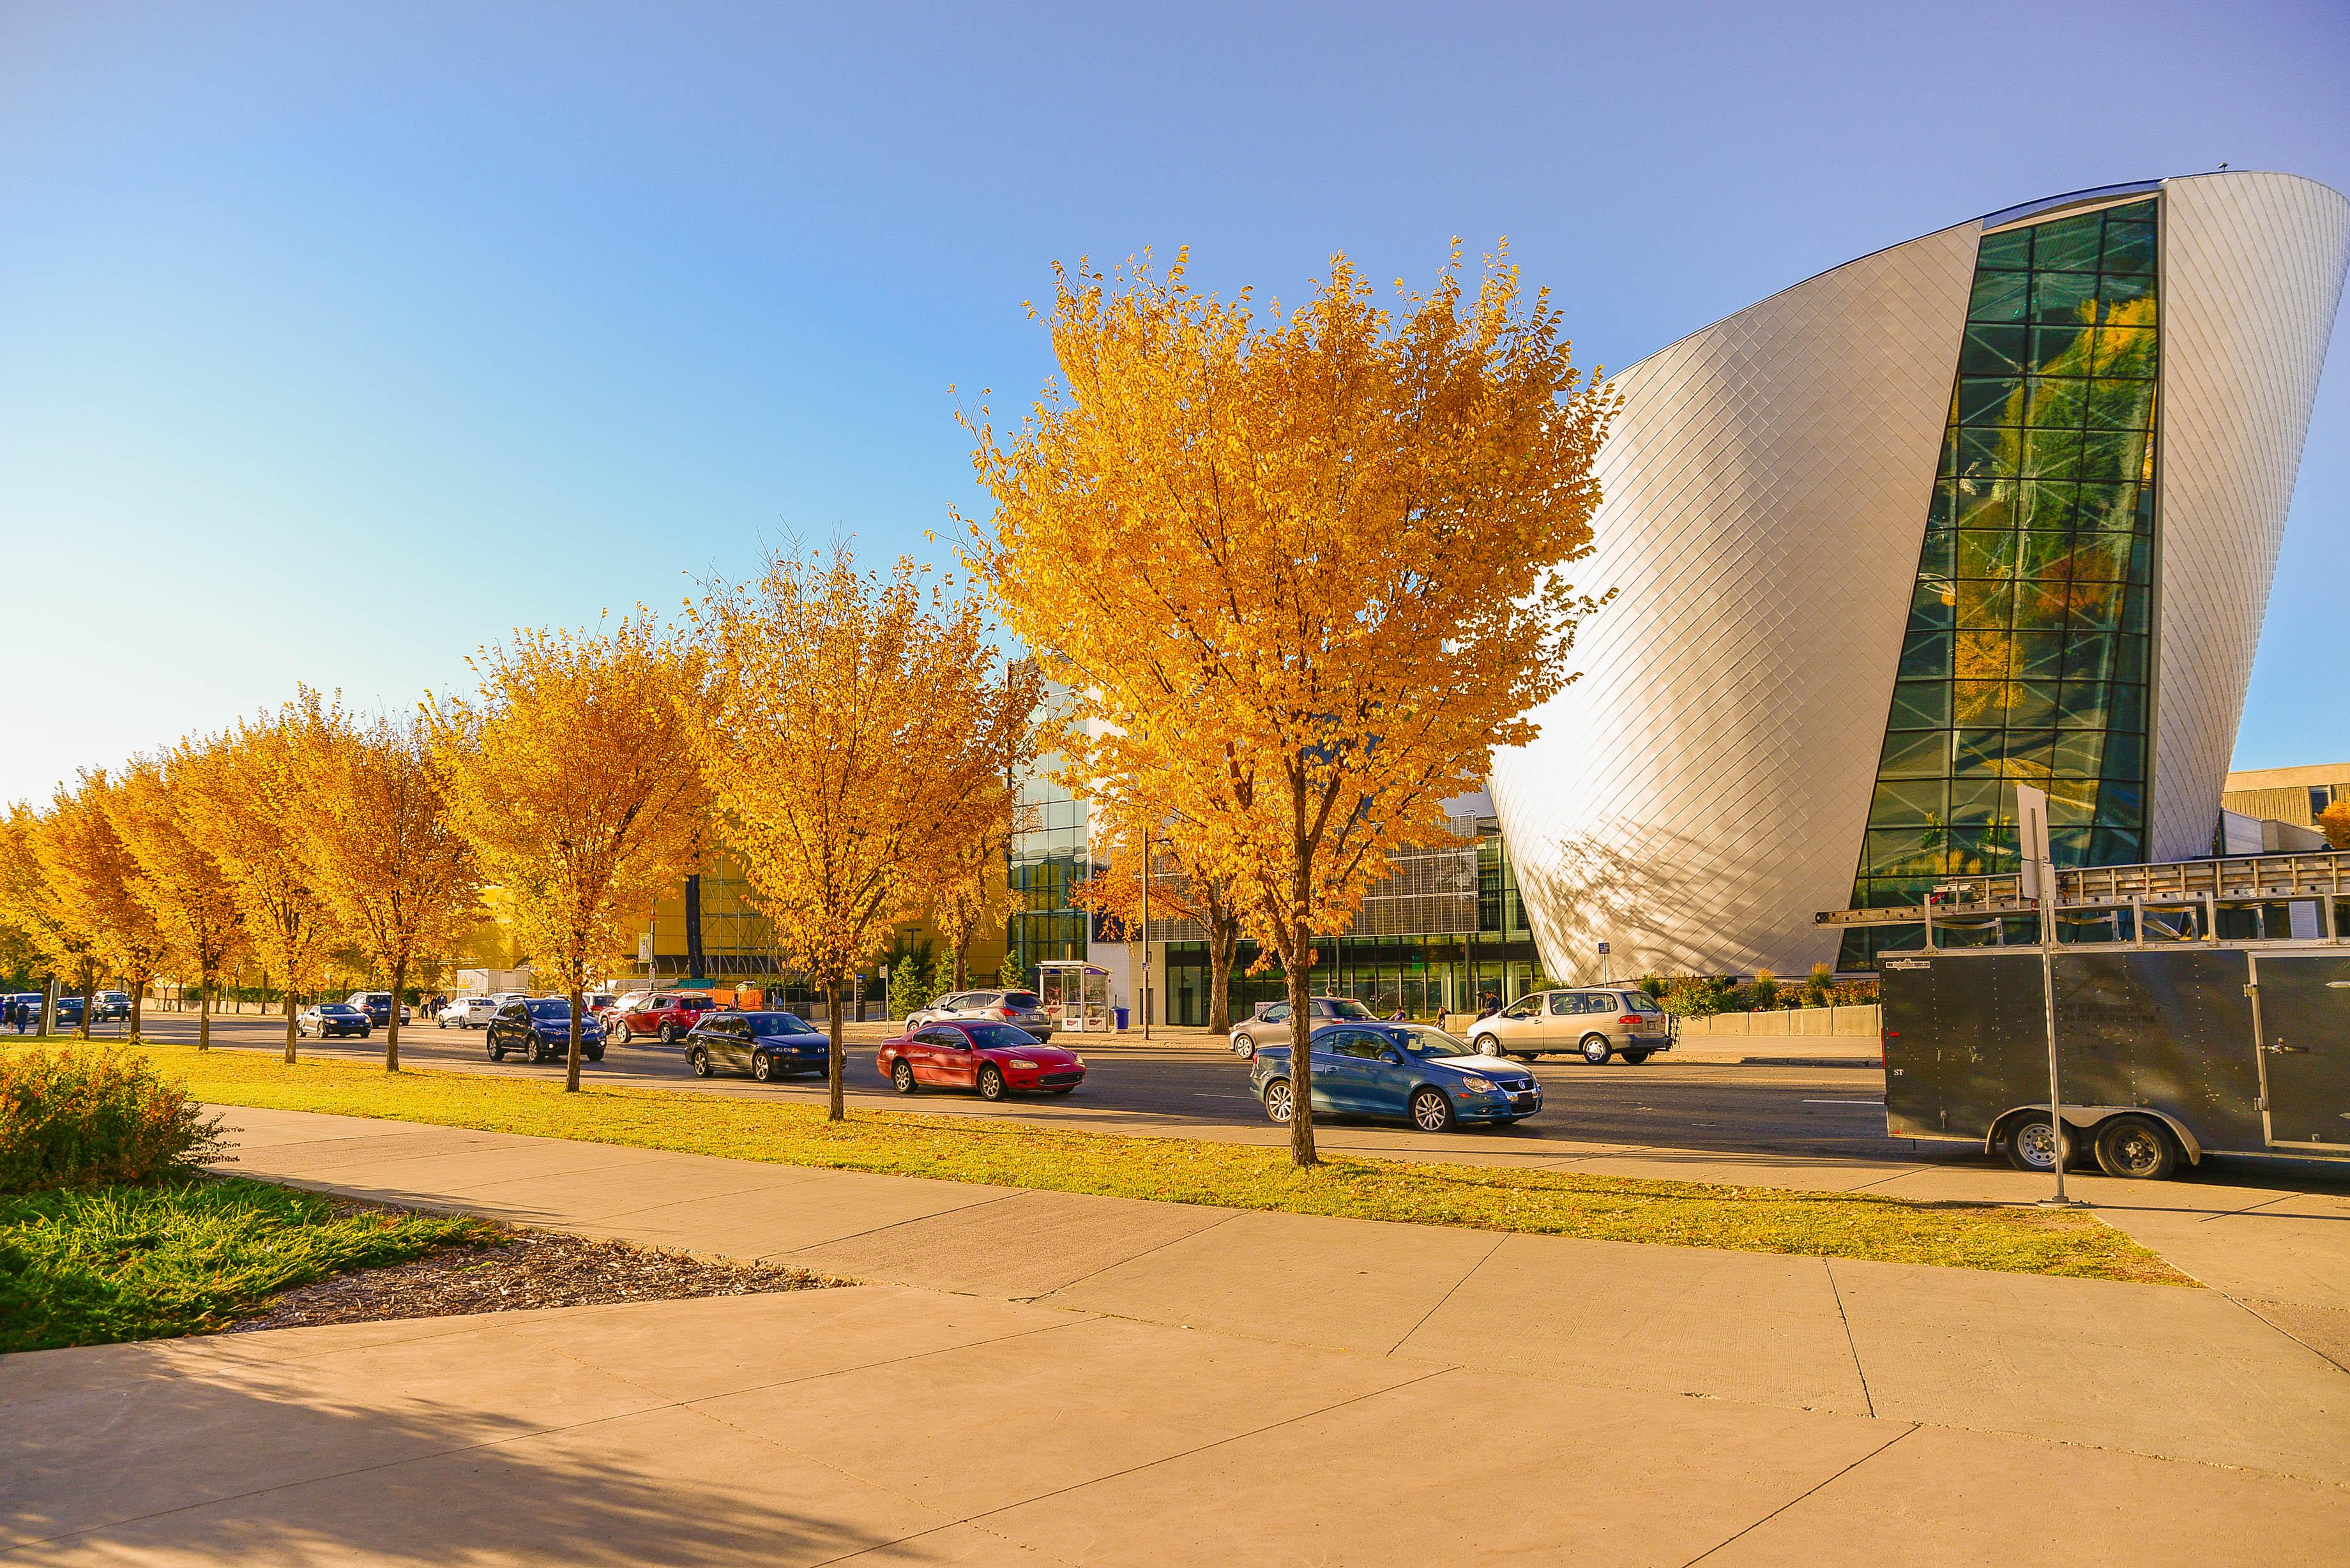 University of Alberta, Canada, UofA